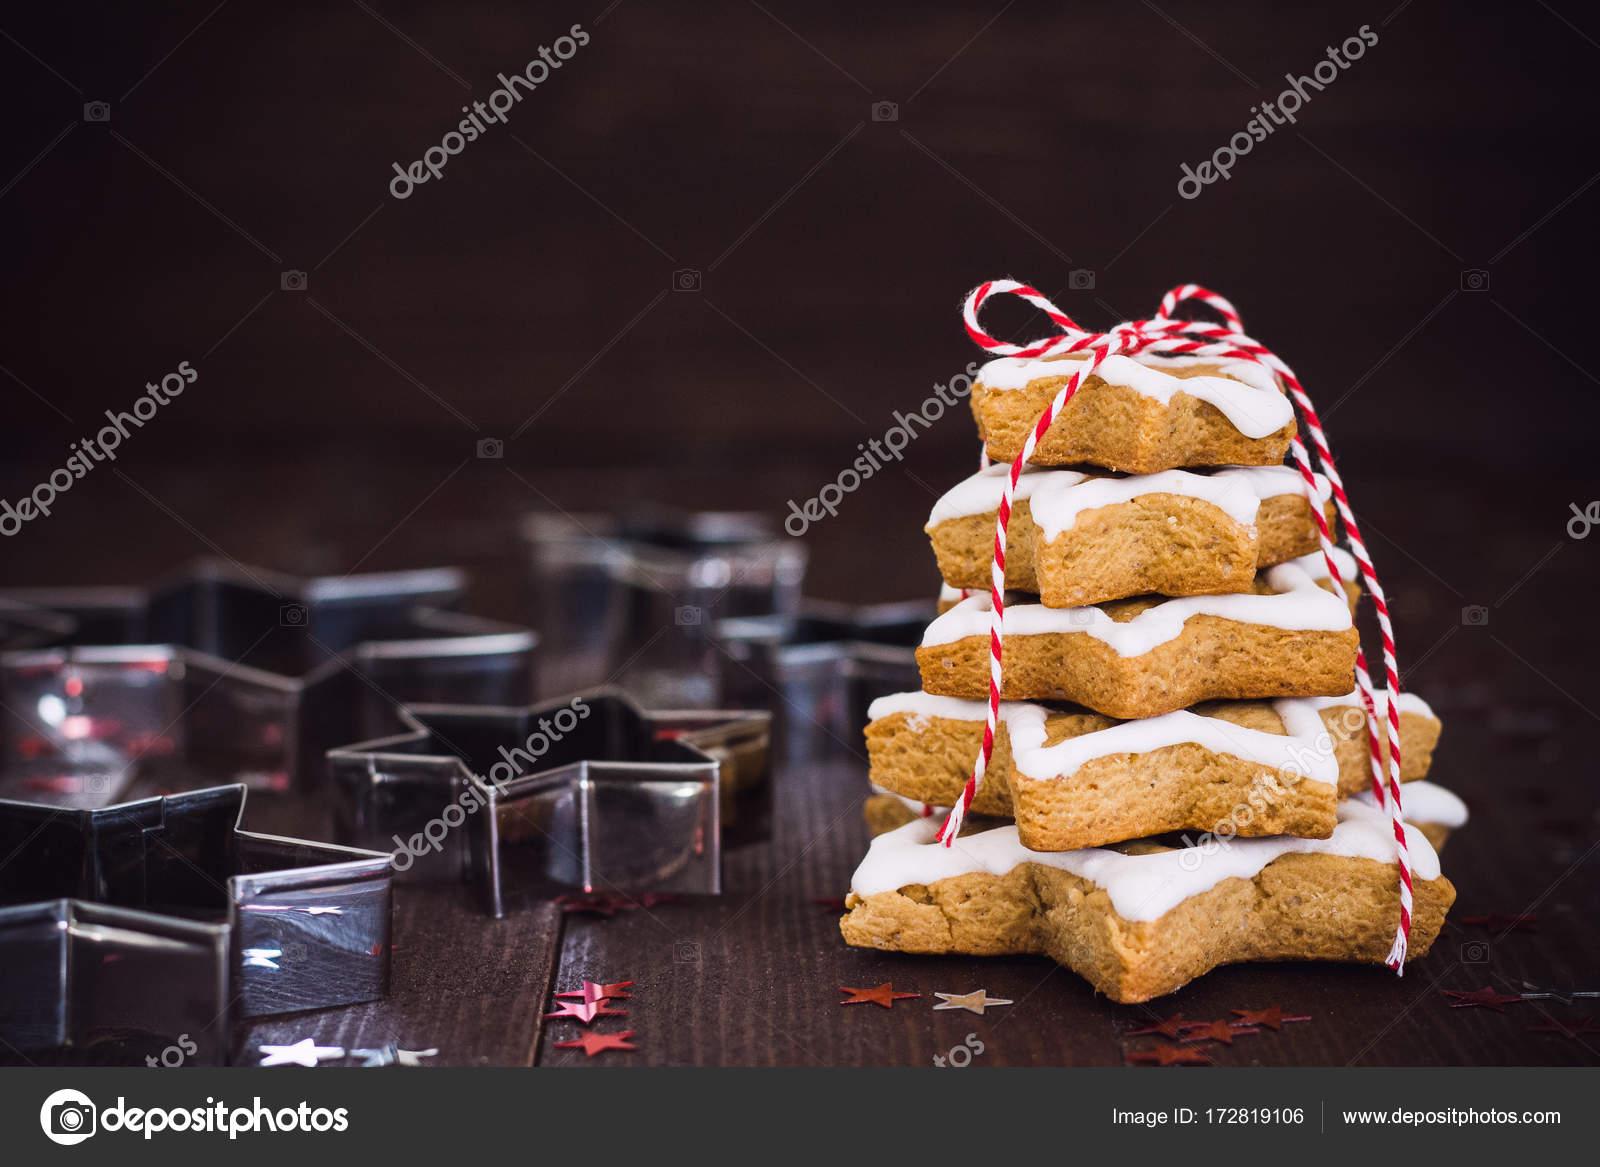 Albero Di Natale Fatto Con I Biscotti.Albero Di Natale Biscotto Fatto Con Stelle Cookie Cutter Gingerbread